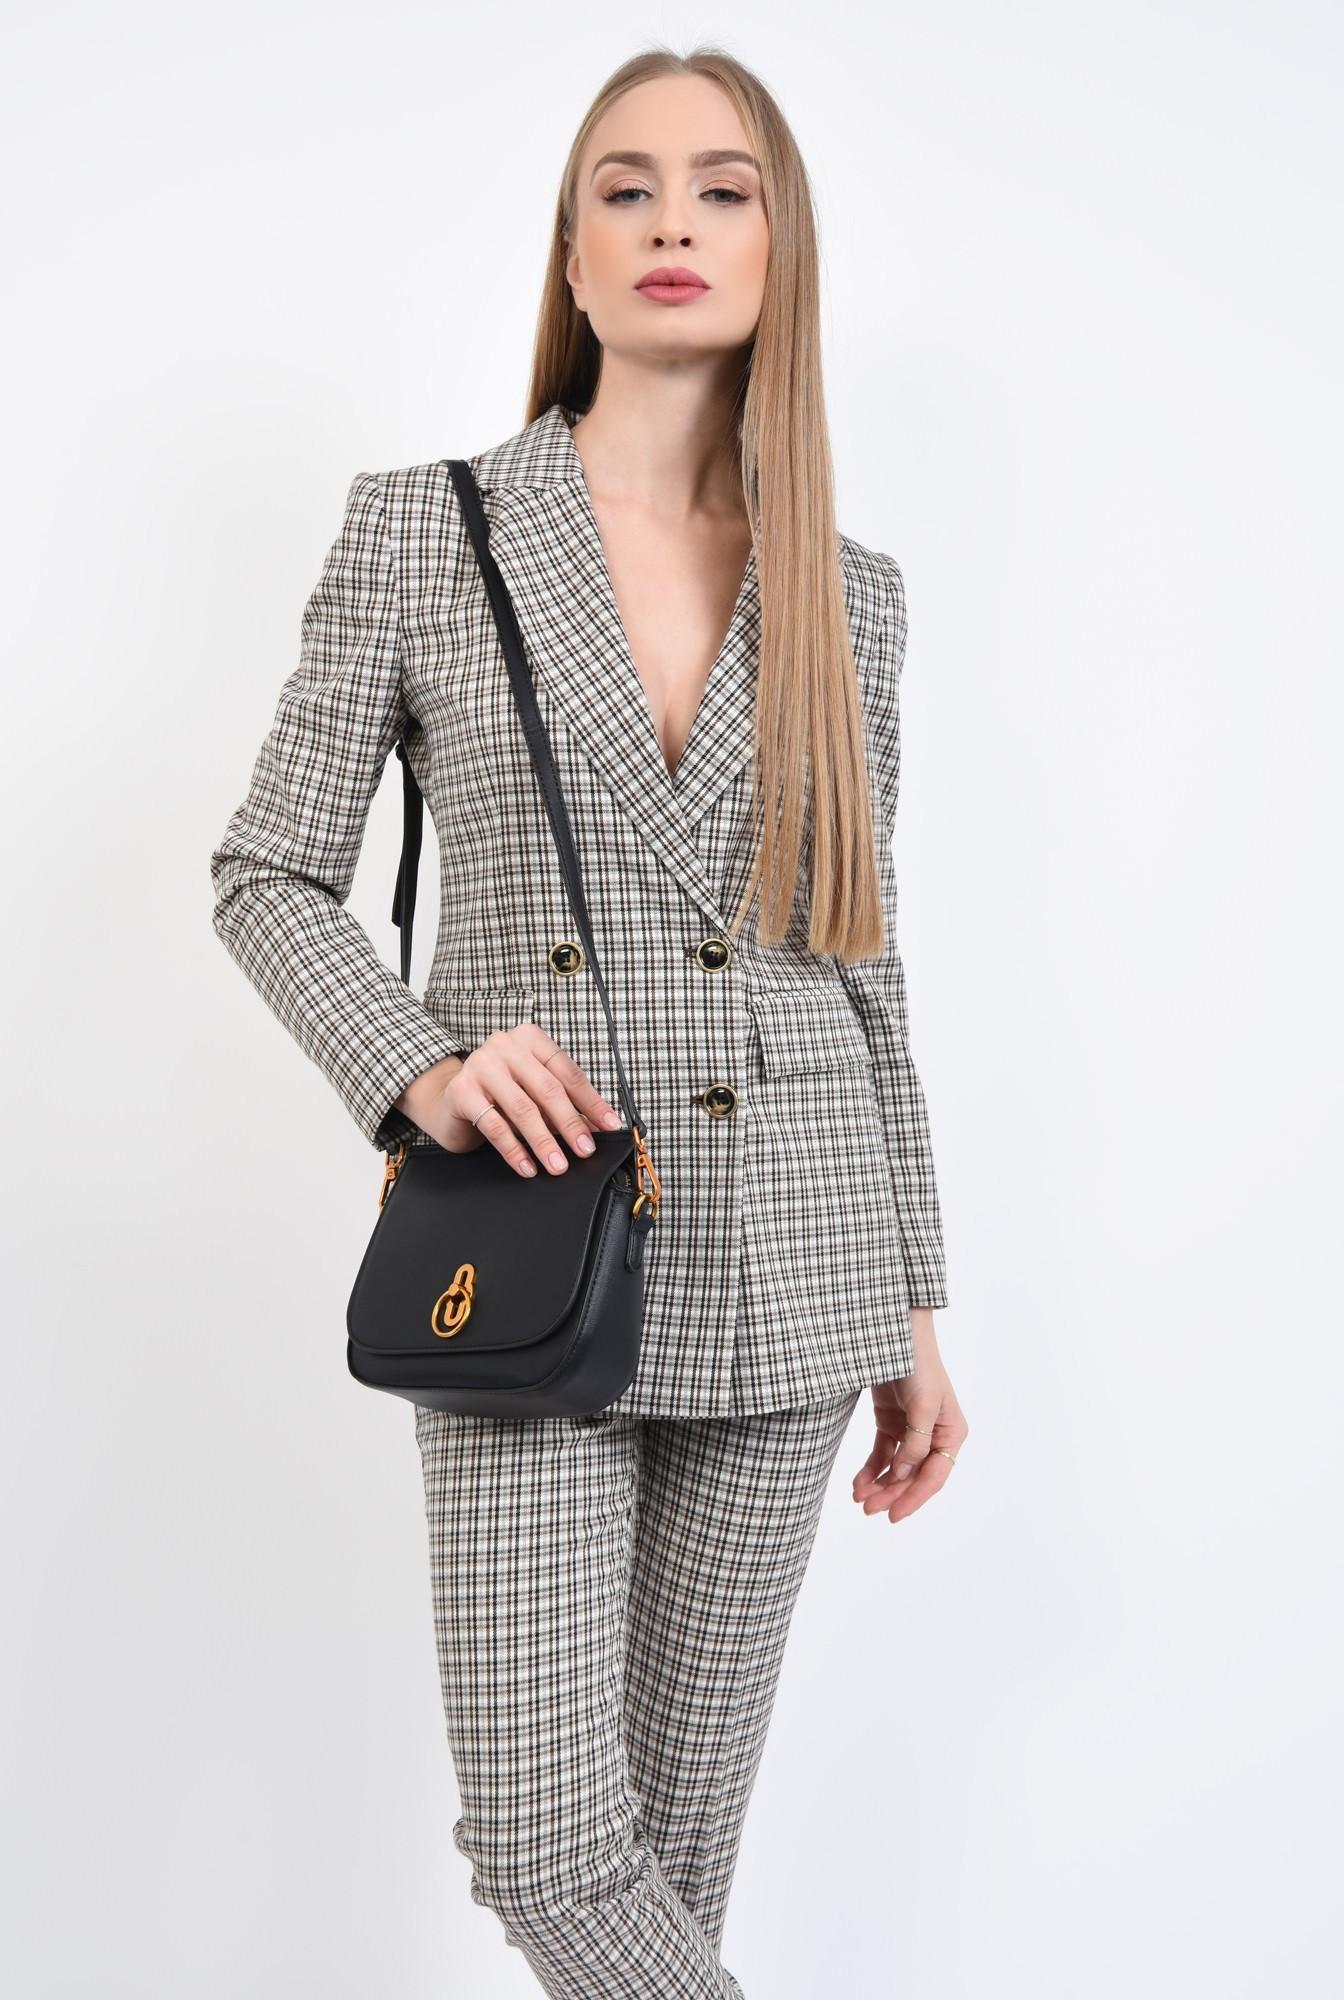 3 - geanta casual, mini, bareta detasabila, negru